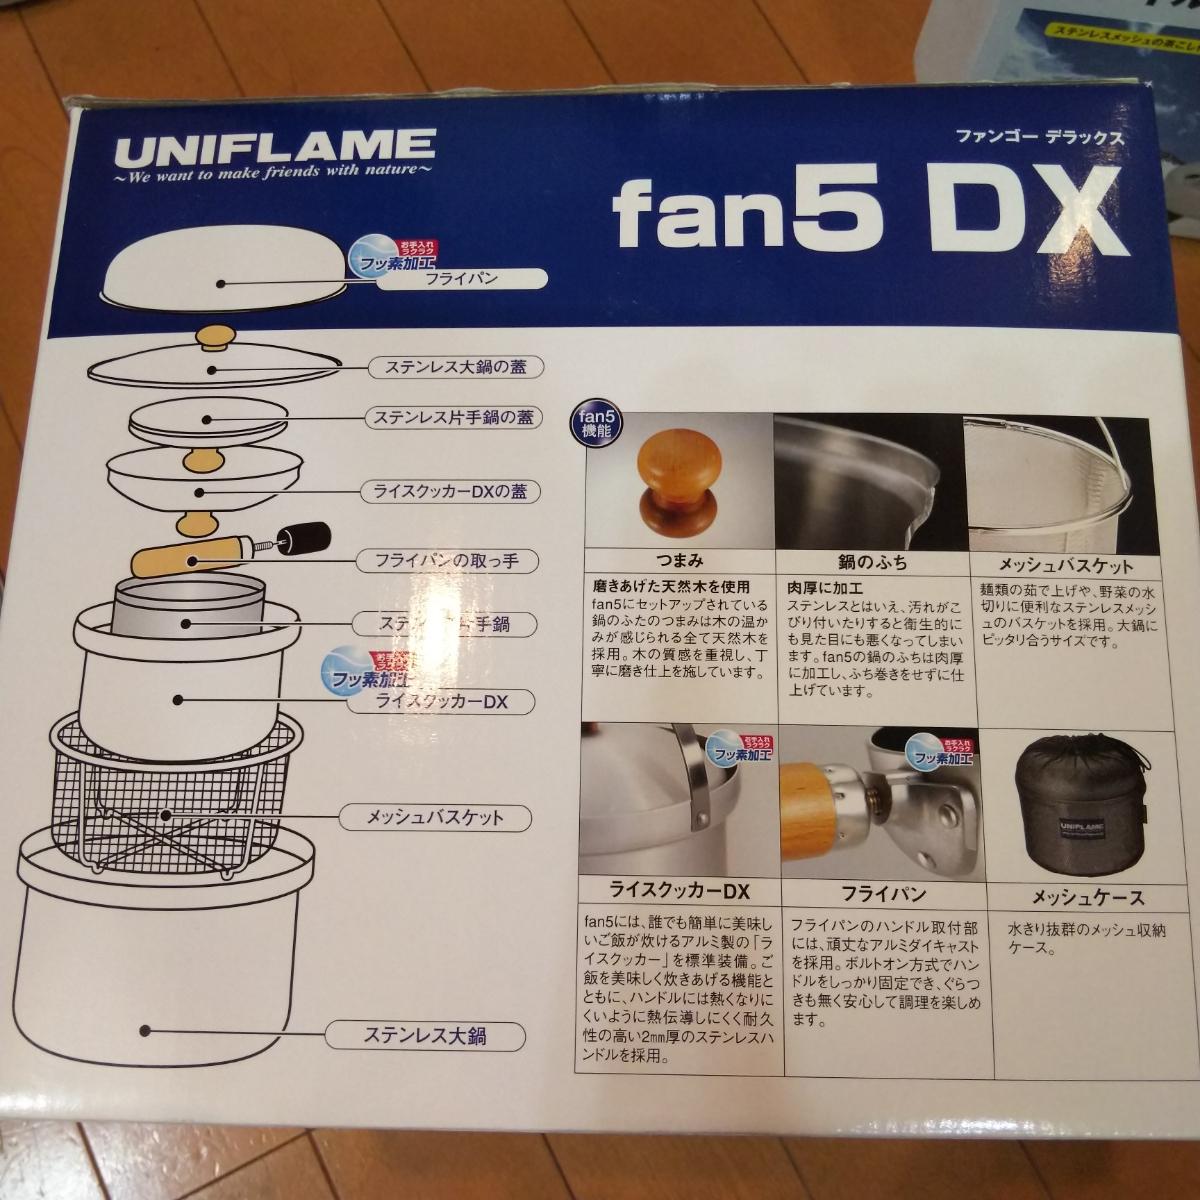 ユニフレーム fan5 トレイルケトル クッカーセット 4~5人用 UNIFLAME 中古 送料無料 _画像7